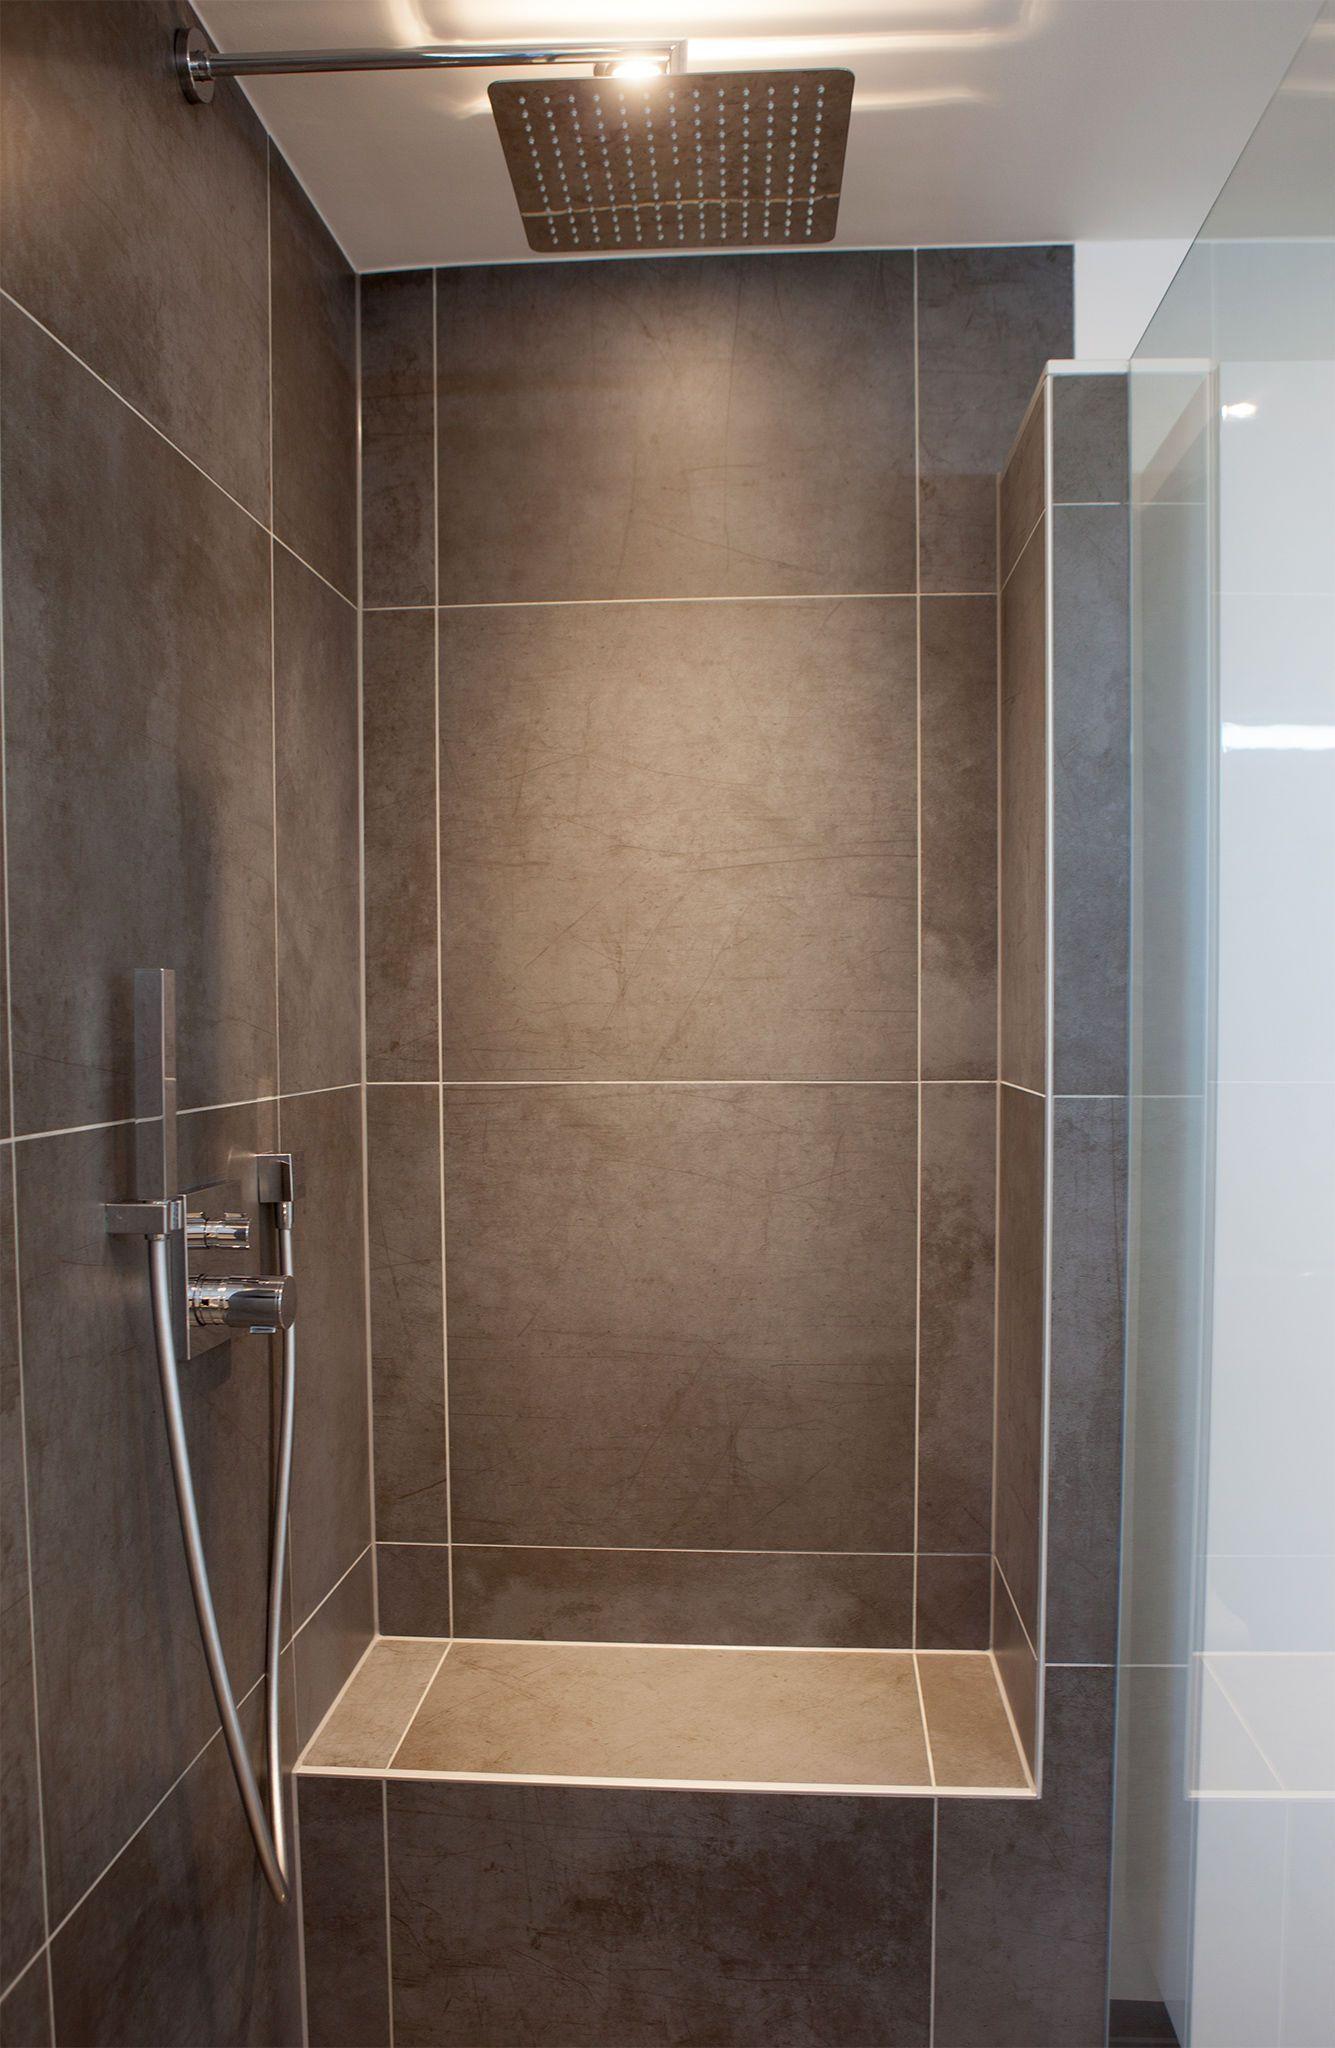 5 Begehbare Dusche Mit Sitzbank New House Ideas In Begehbare Eintagamsee Begehbare Dusche Badezimmer Badezimmer Mit Dusche